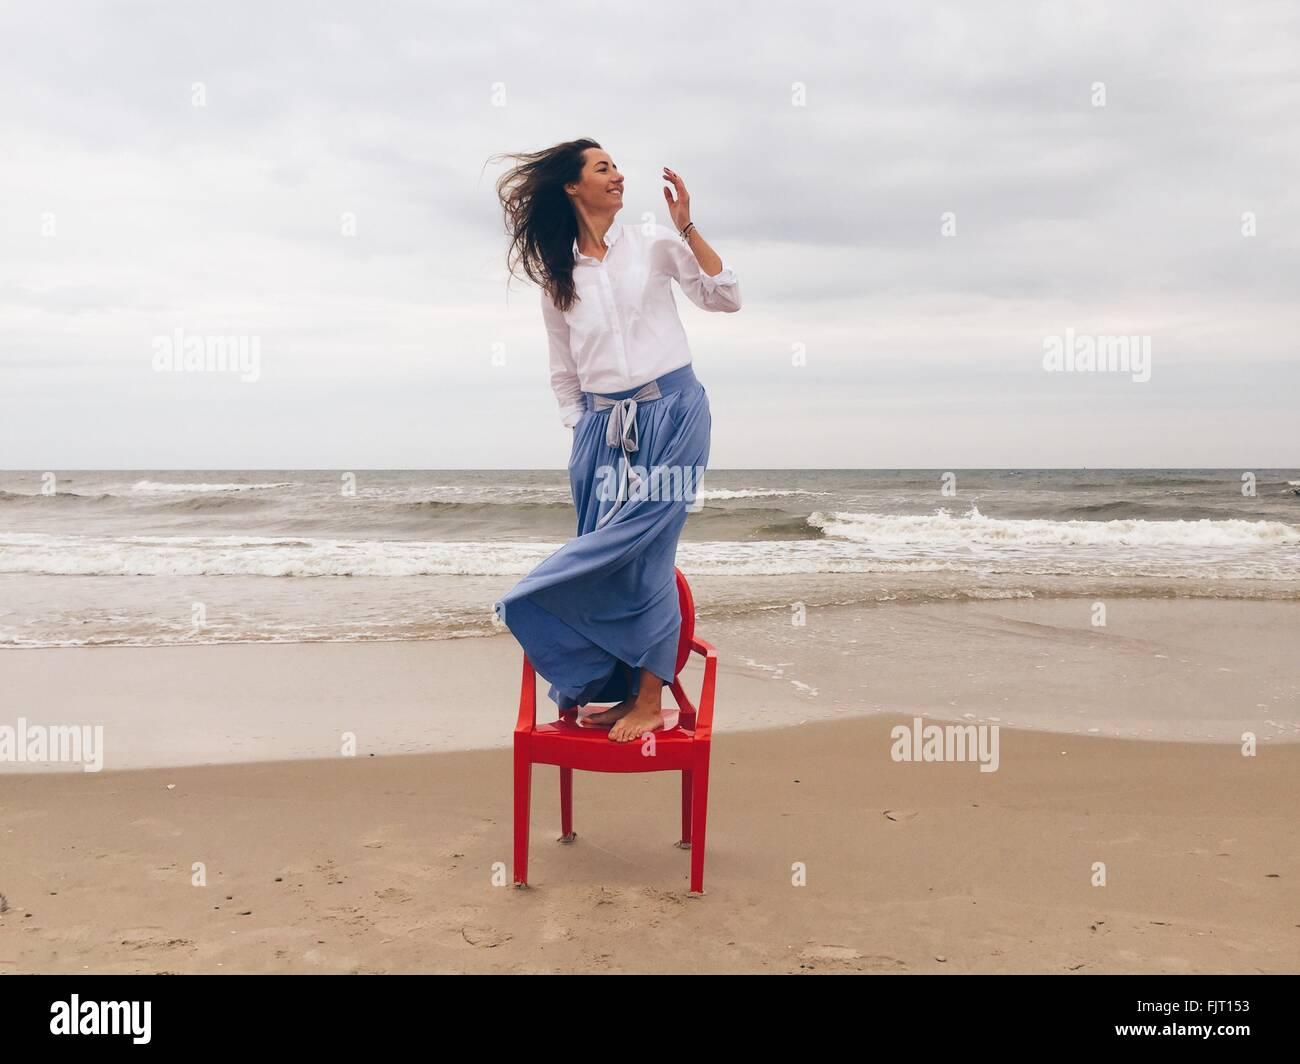 Schöne Frau auf Stuhl am Strand gegen bewölktem Himmel Stockbild